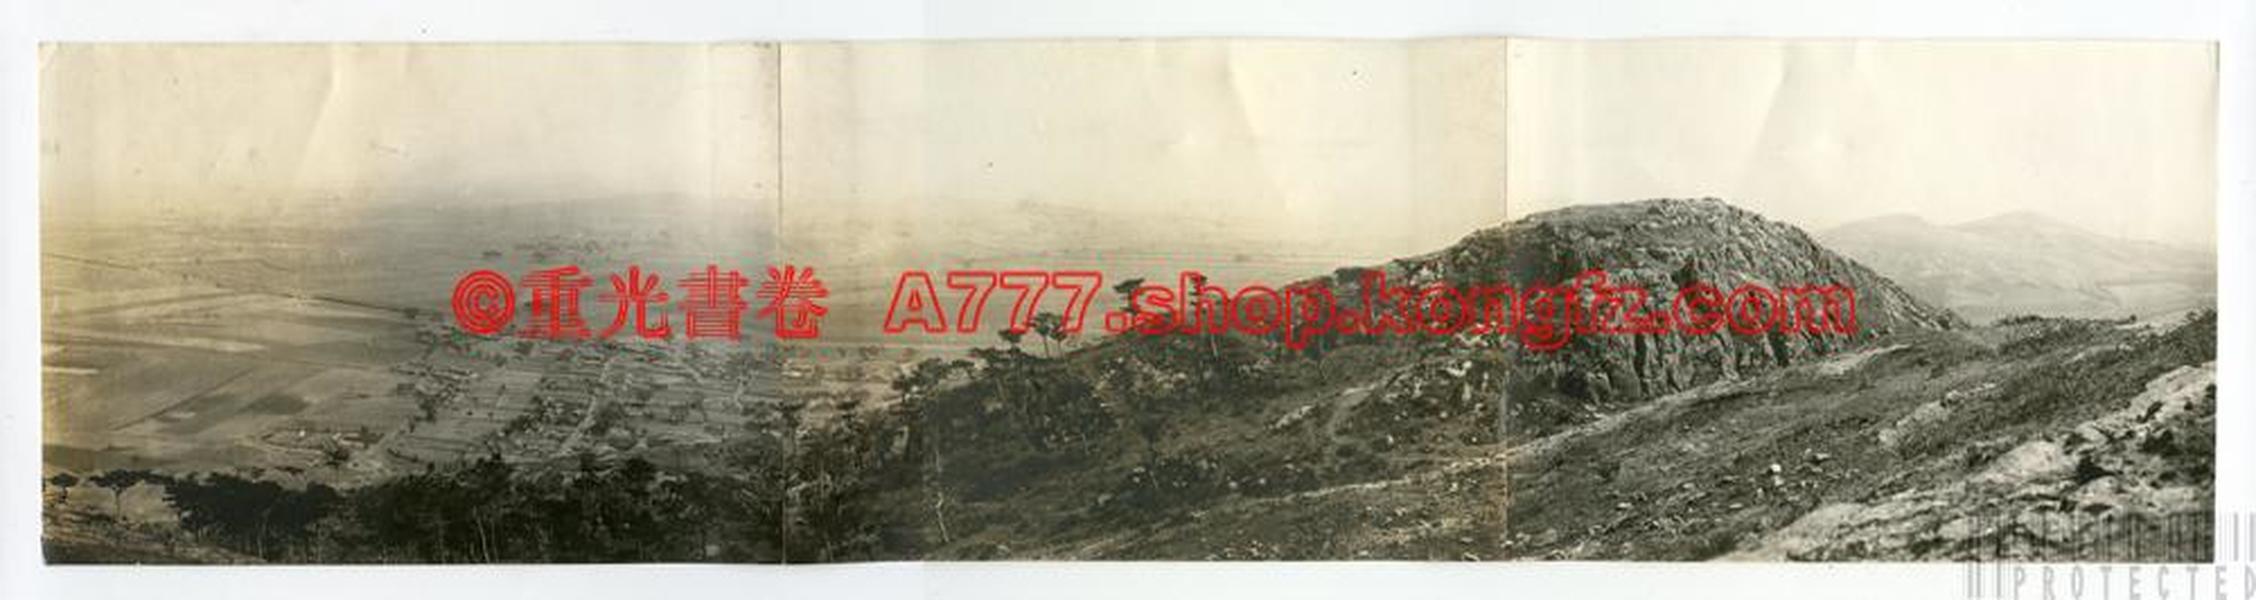 民国 1910-1920年代 辽阳 首山 全图 高清 44x10.5cm